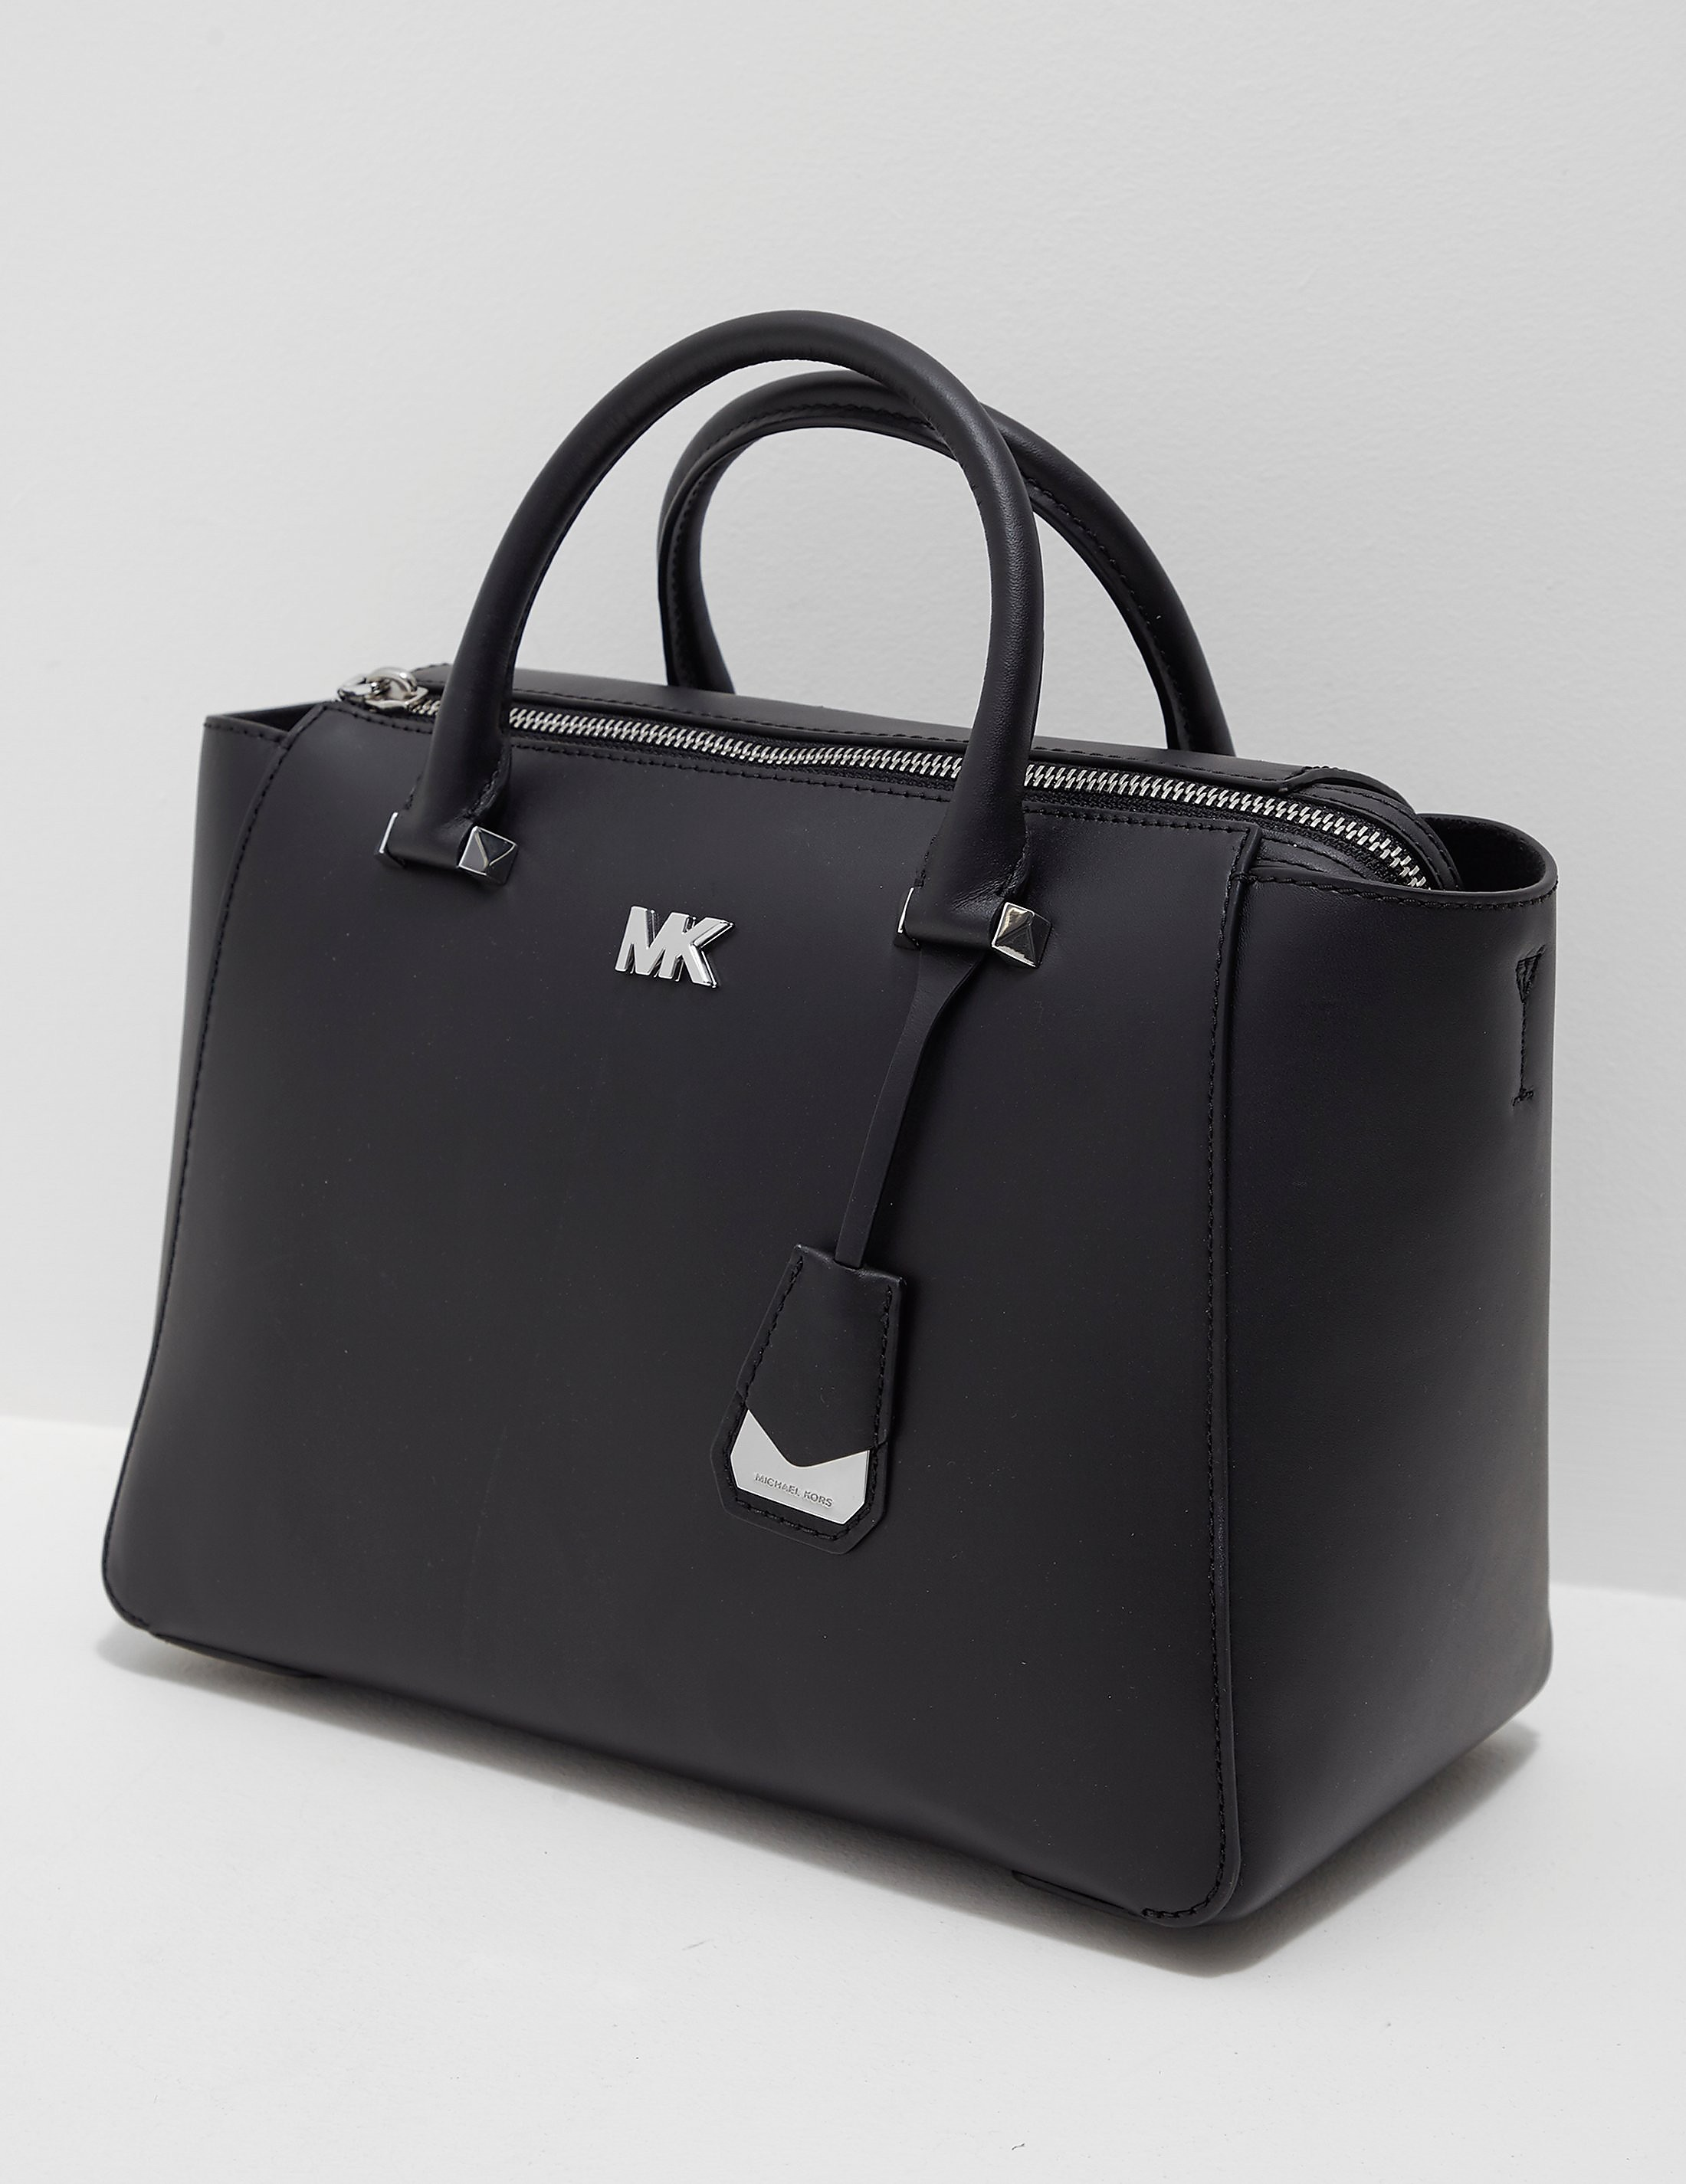 Michael Kors Metro Bag